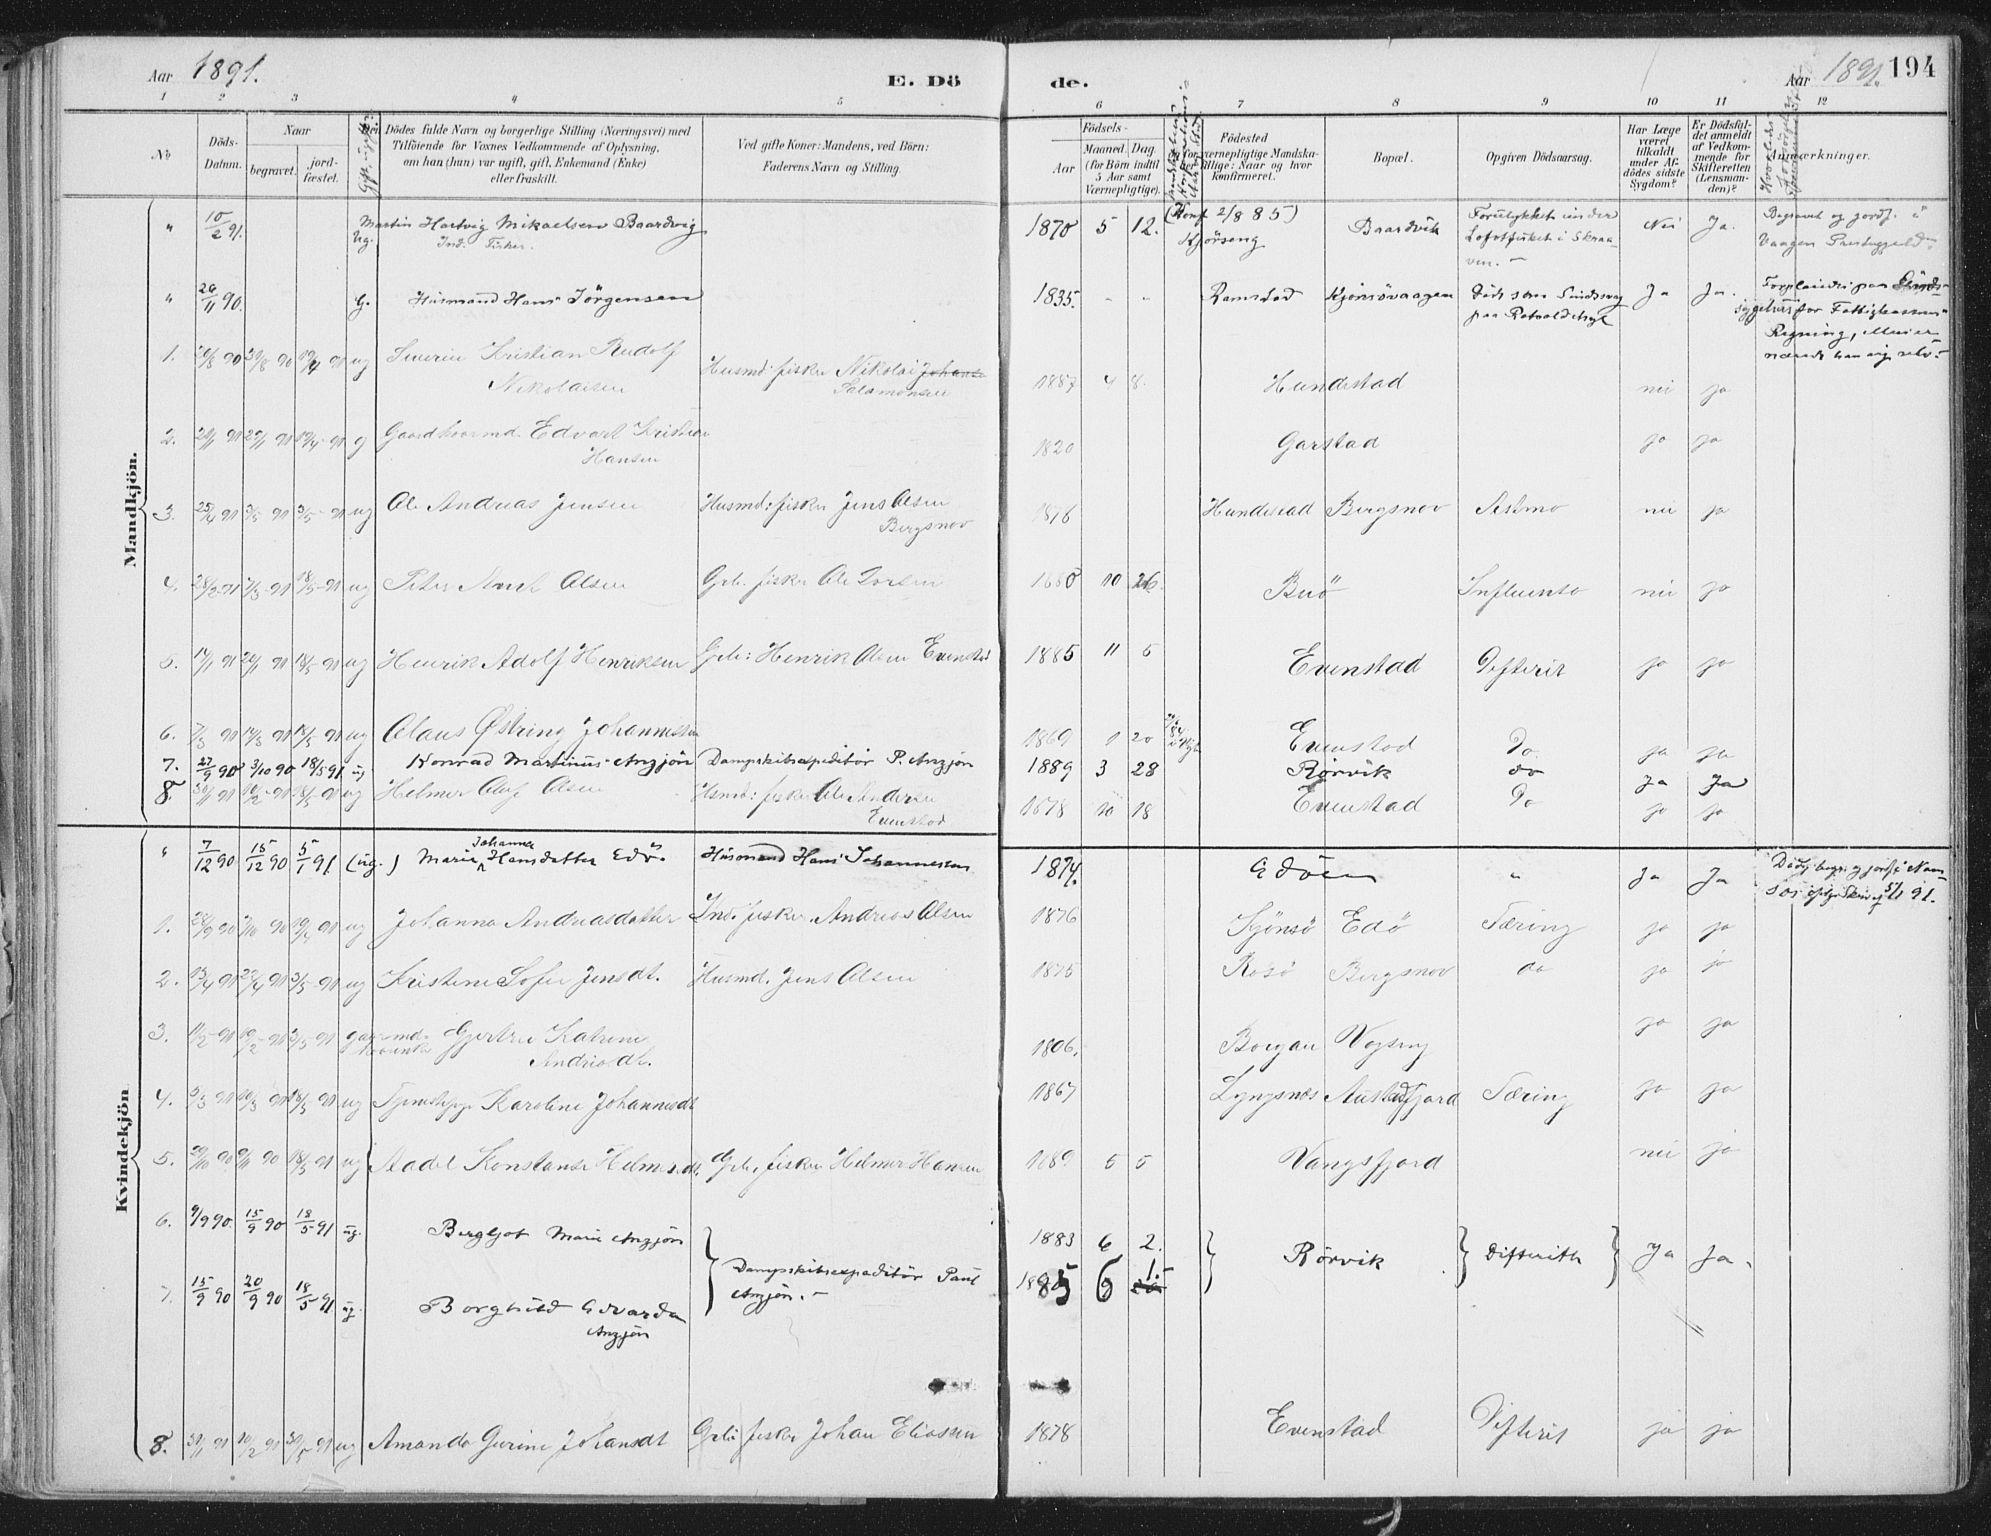 SAT, Ministerialprotokoller, klokkerbøker og fødselsregistre - Nord-Trøndelag, 786/L0687: Ministerialbok nr. 786A03, 1888-1898, s. 194